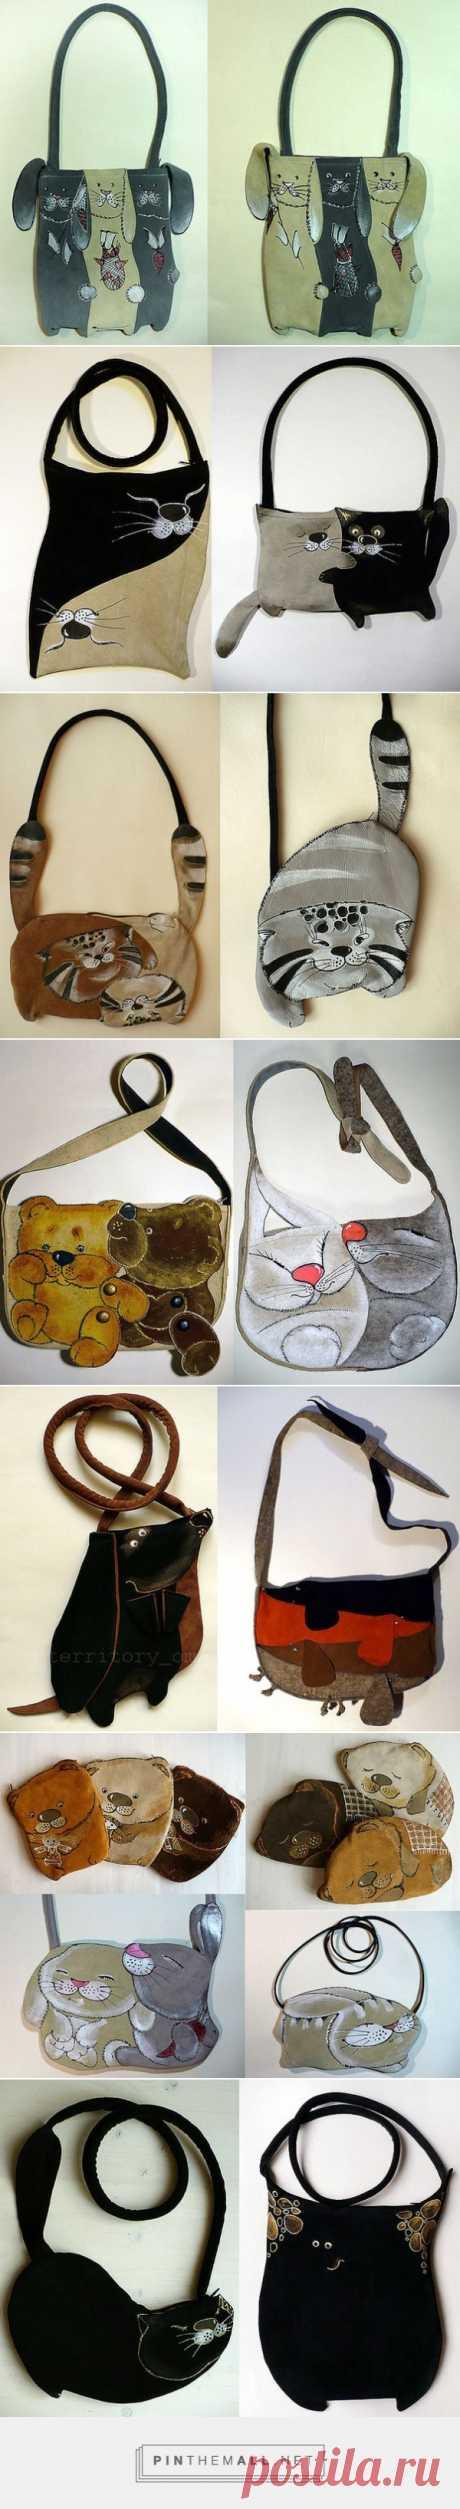 Смешные сумочки. Только идеи... - a grouped images picture Смешные сумочки. Только идеи - created on 2016-01-05 22:54:48